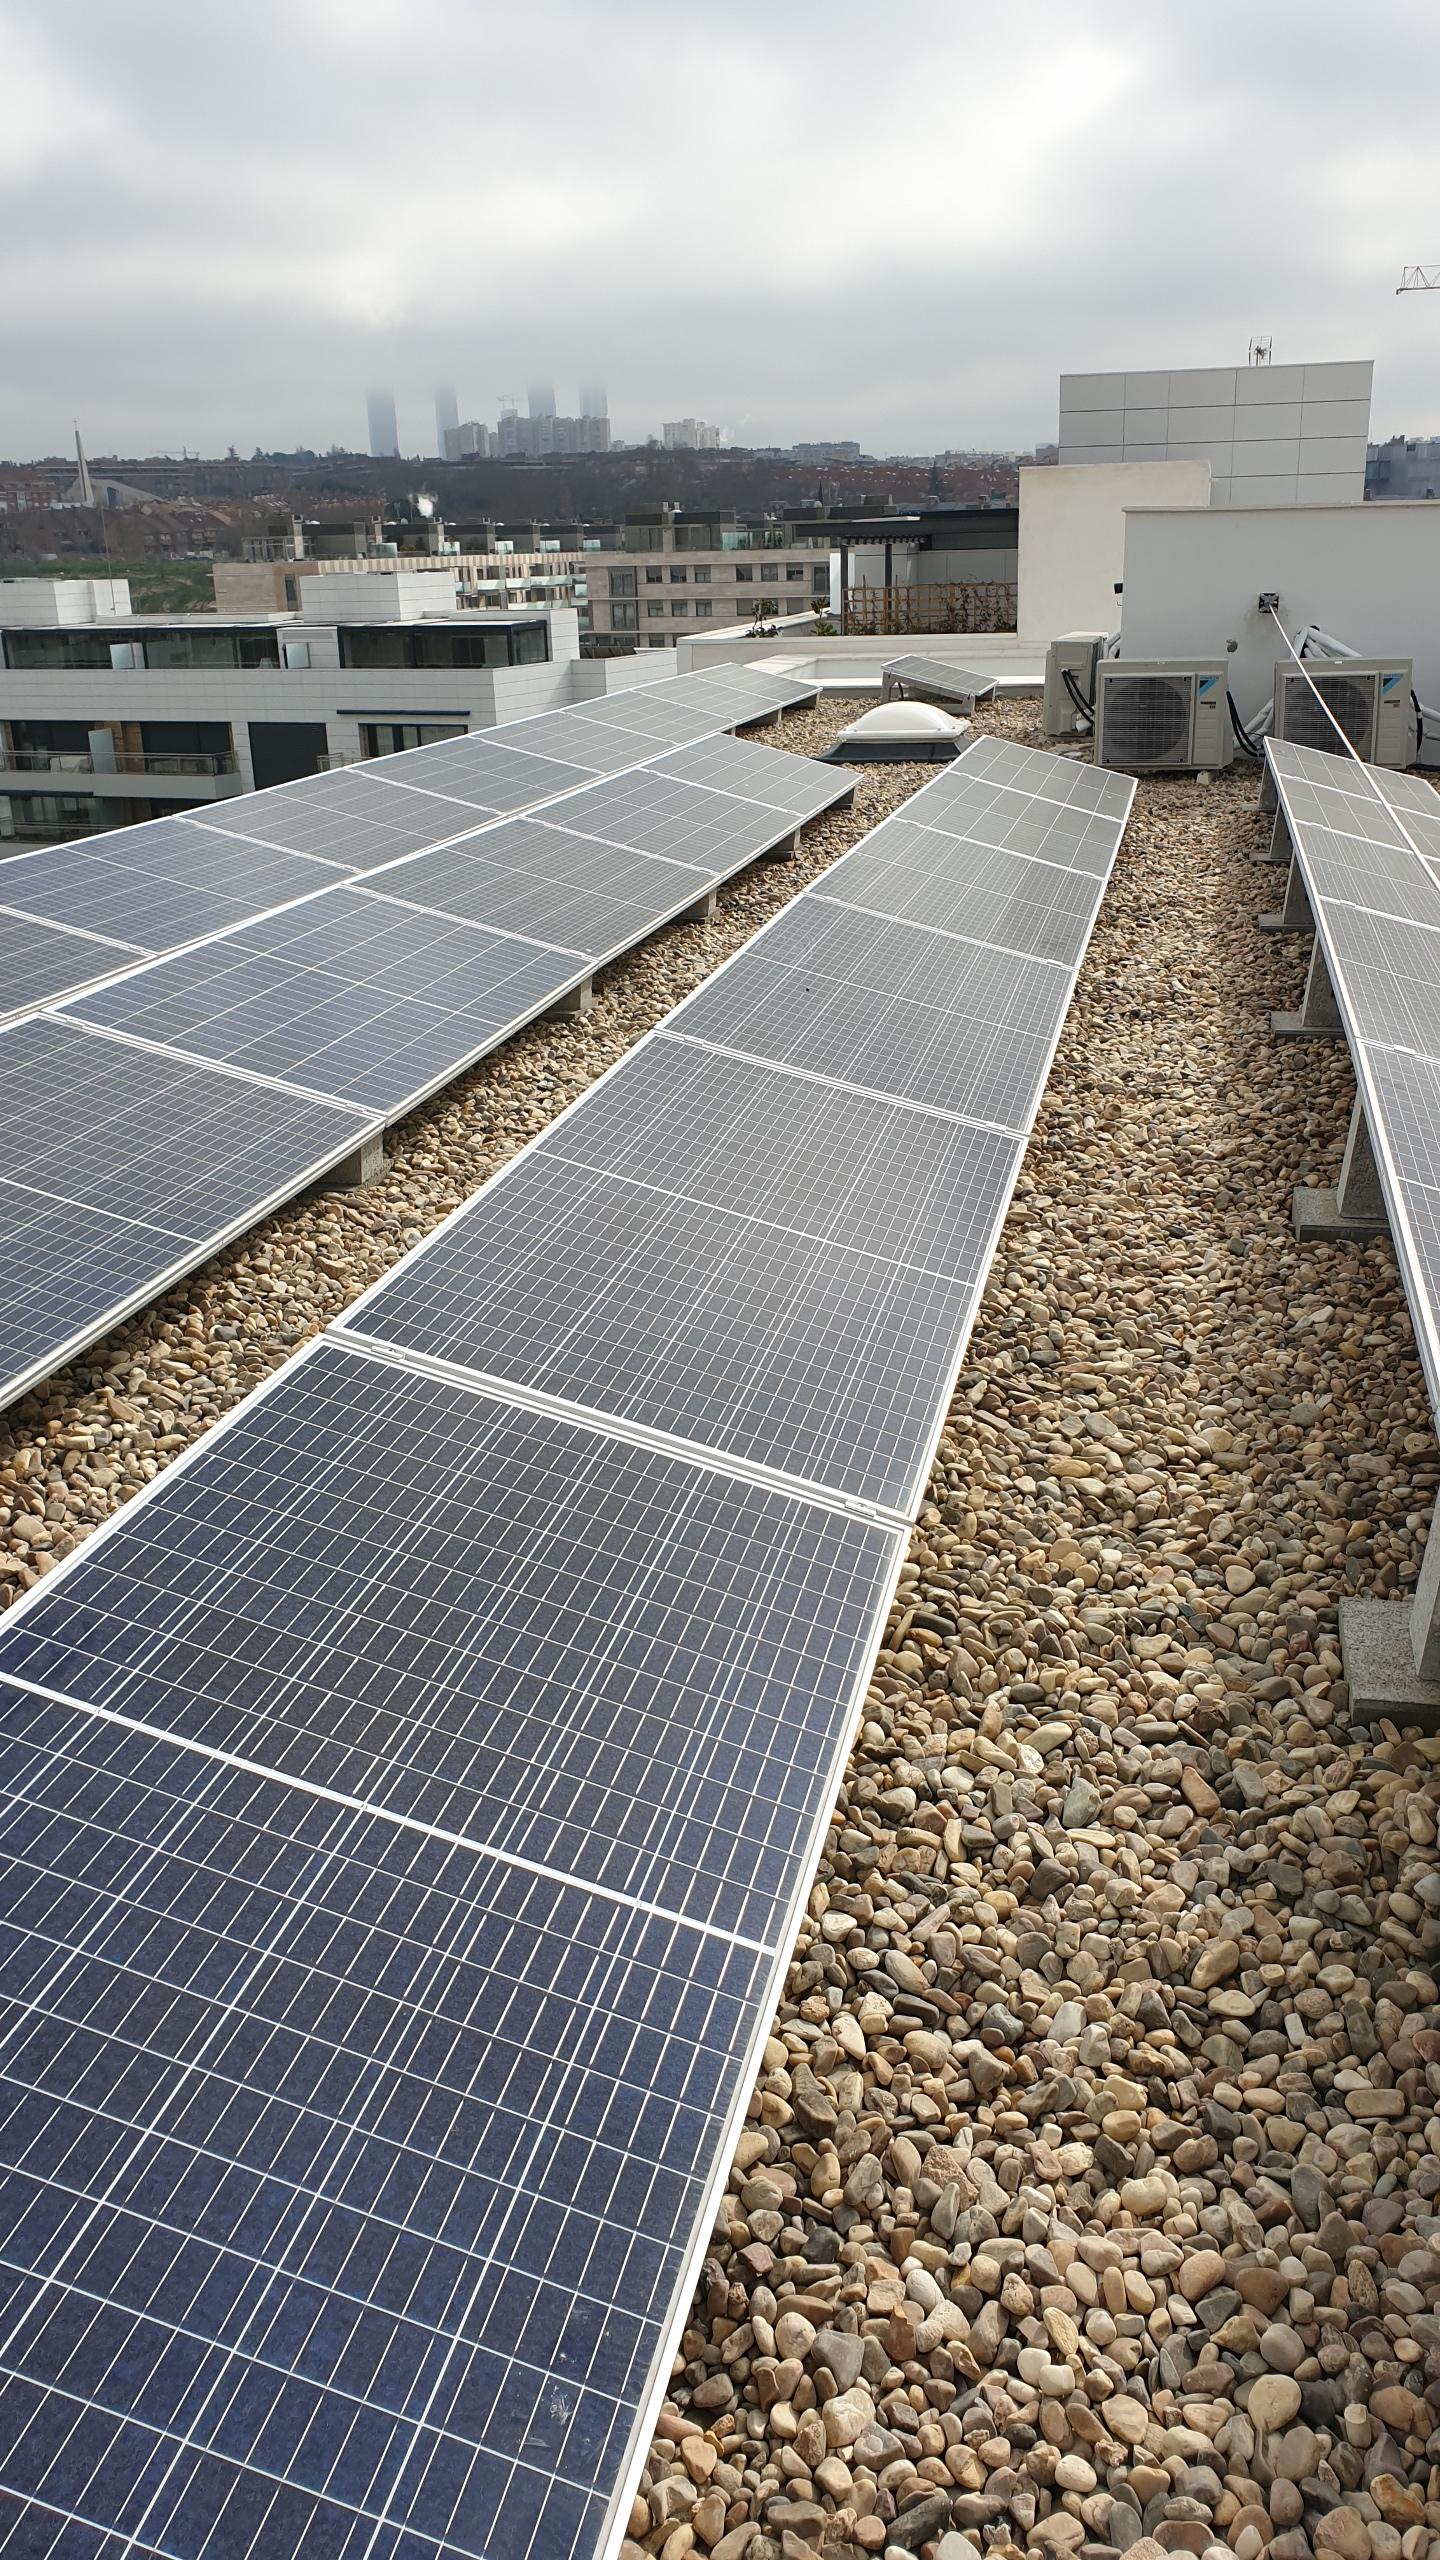 Instalación de placas solares en el tejado / DMDV Arquitectos/Landevel ArroyoFresno